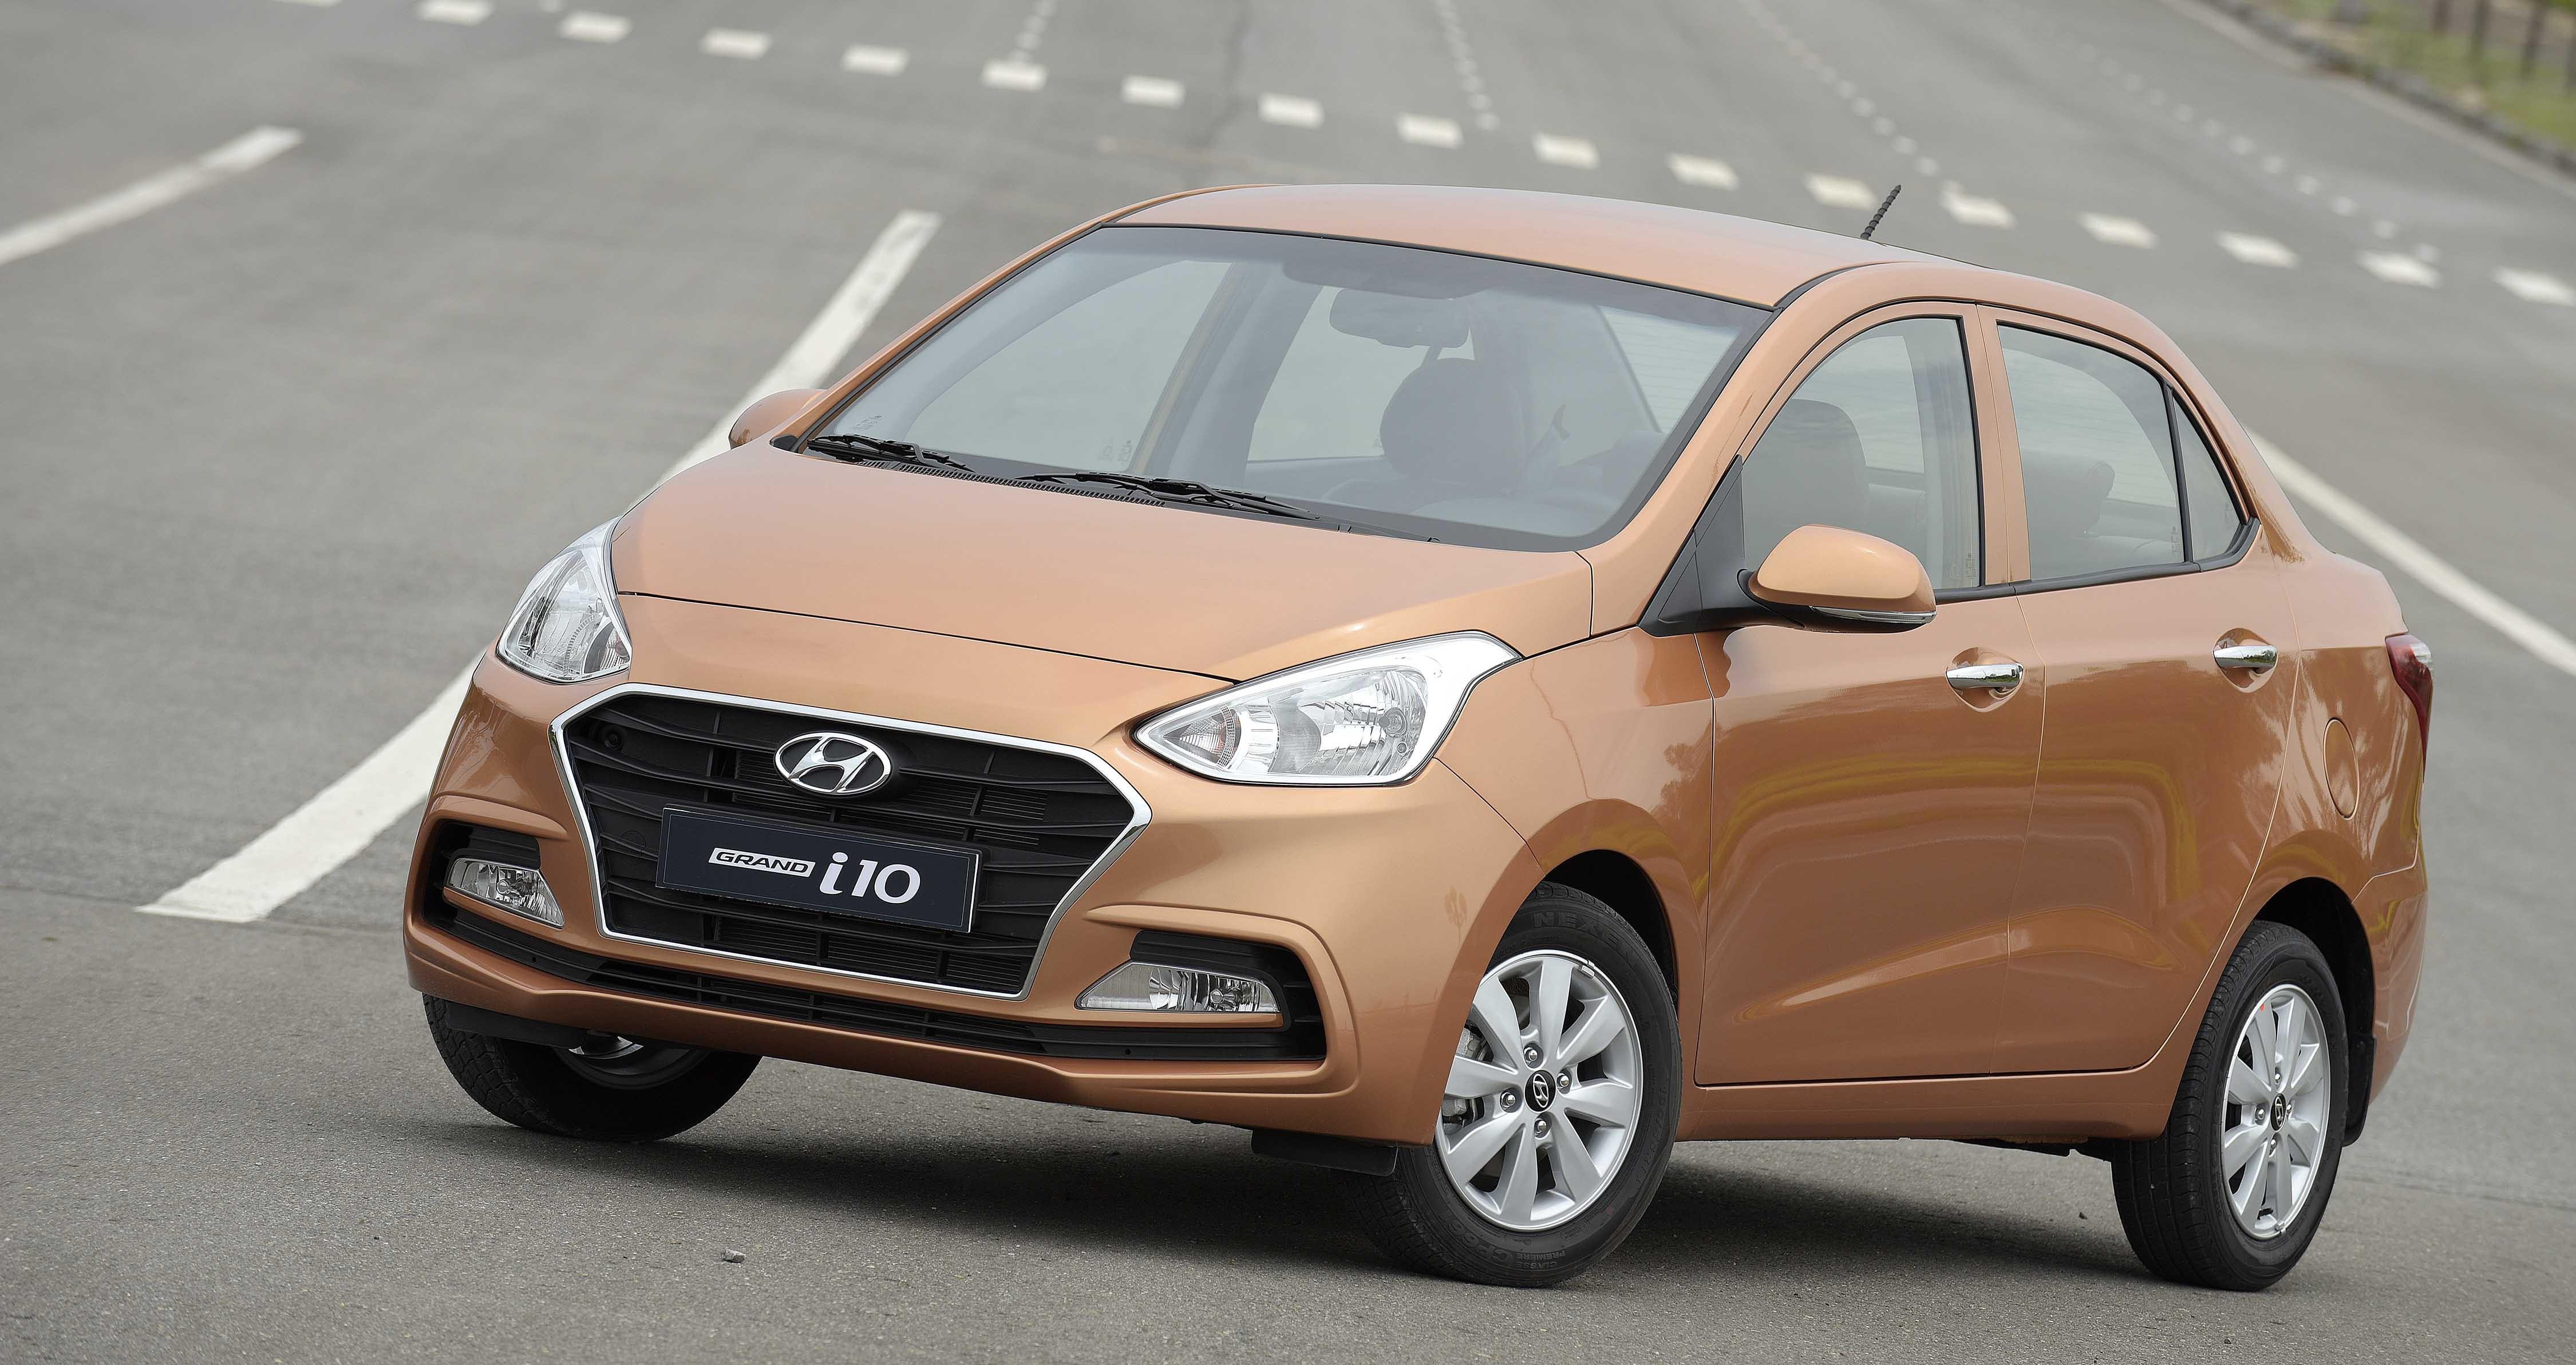 Xe++ - Tầm giá 400-500 triệu đồng nên mua xe sedan nào?